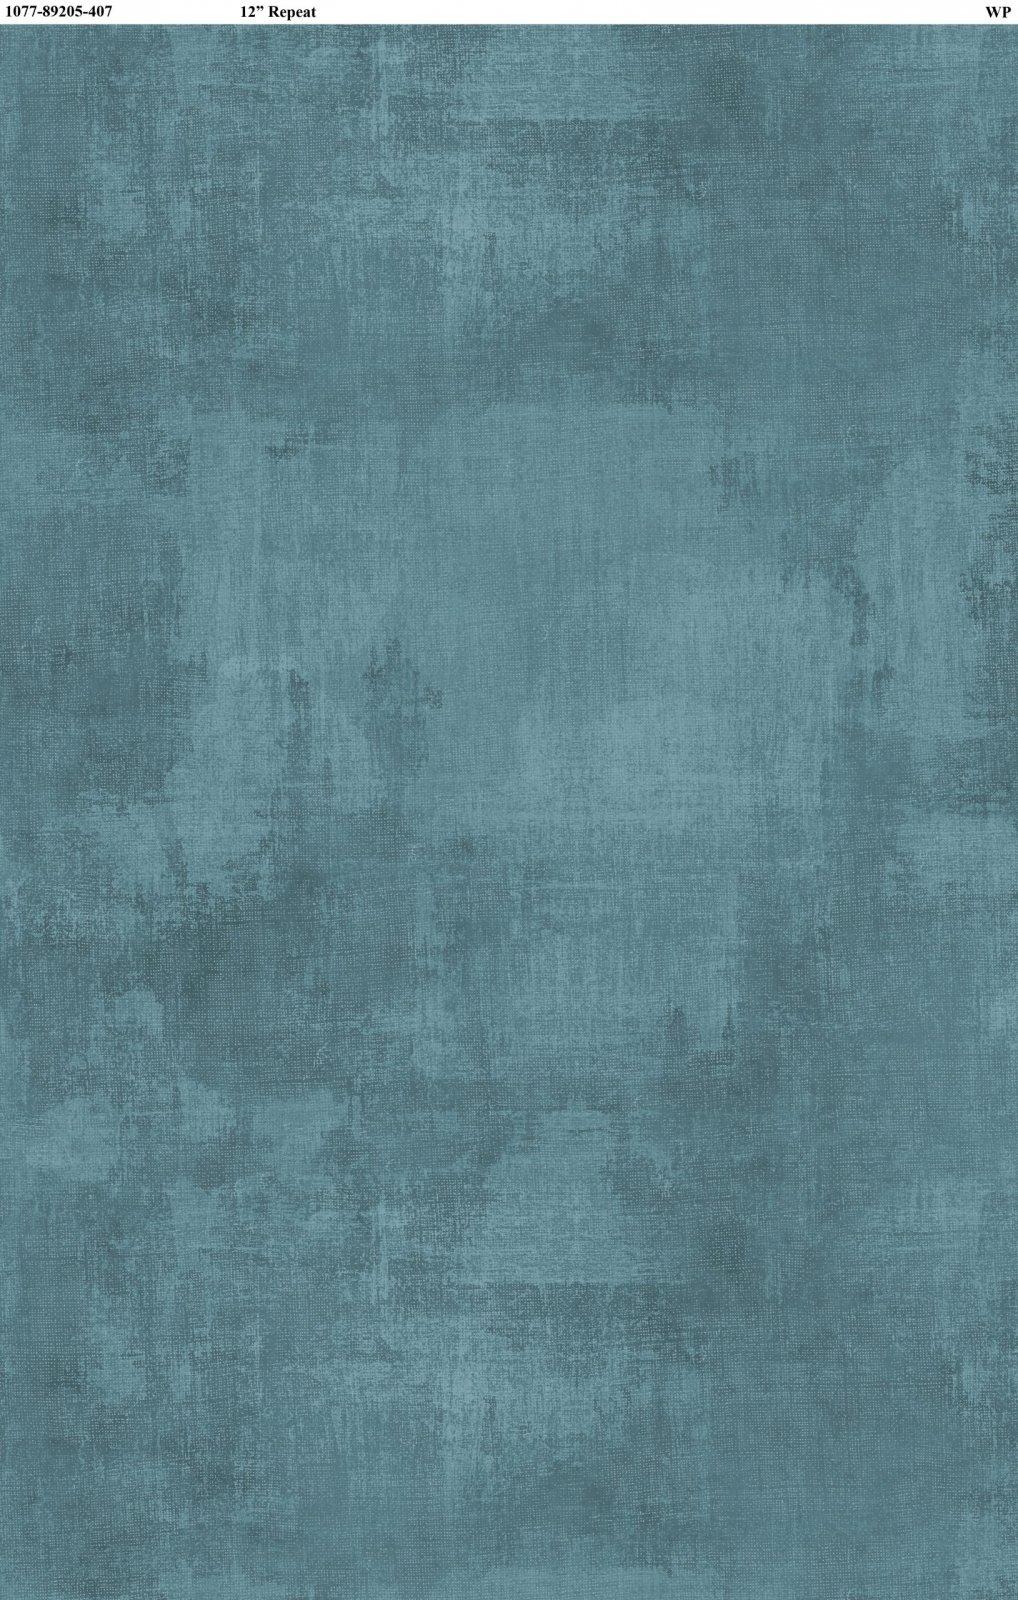 Wilmington Essentials - Dry Brush #1077-89205-407